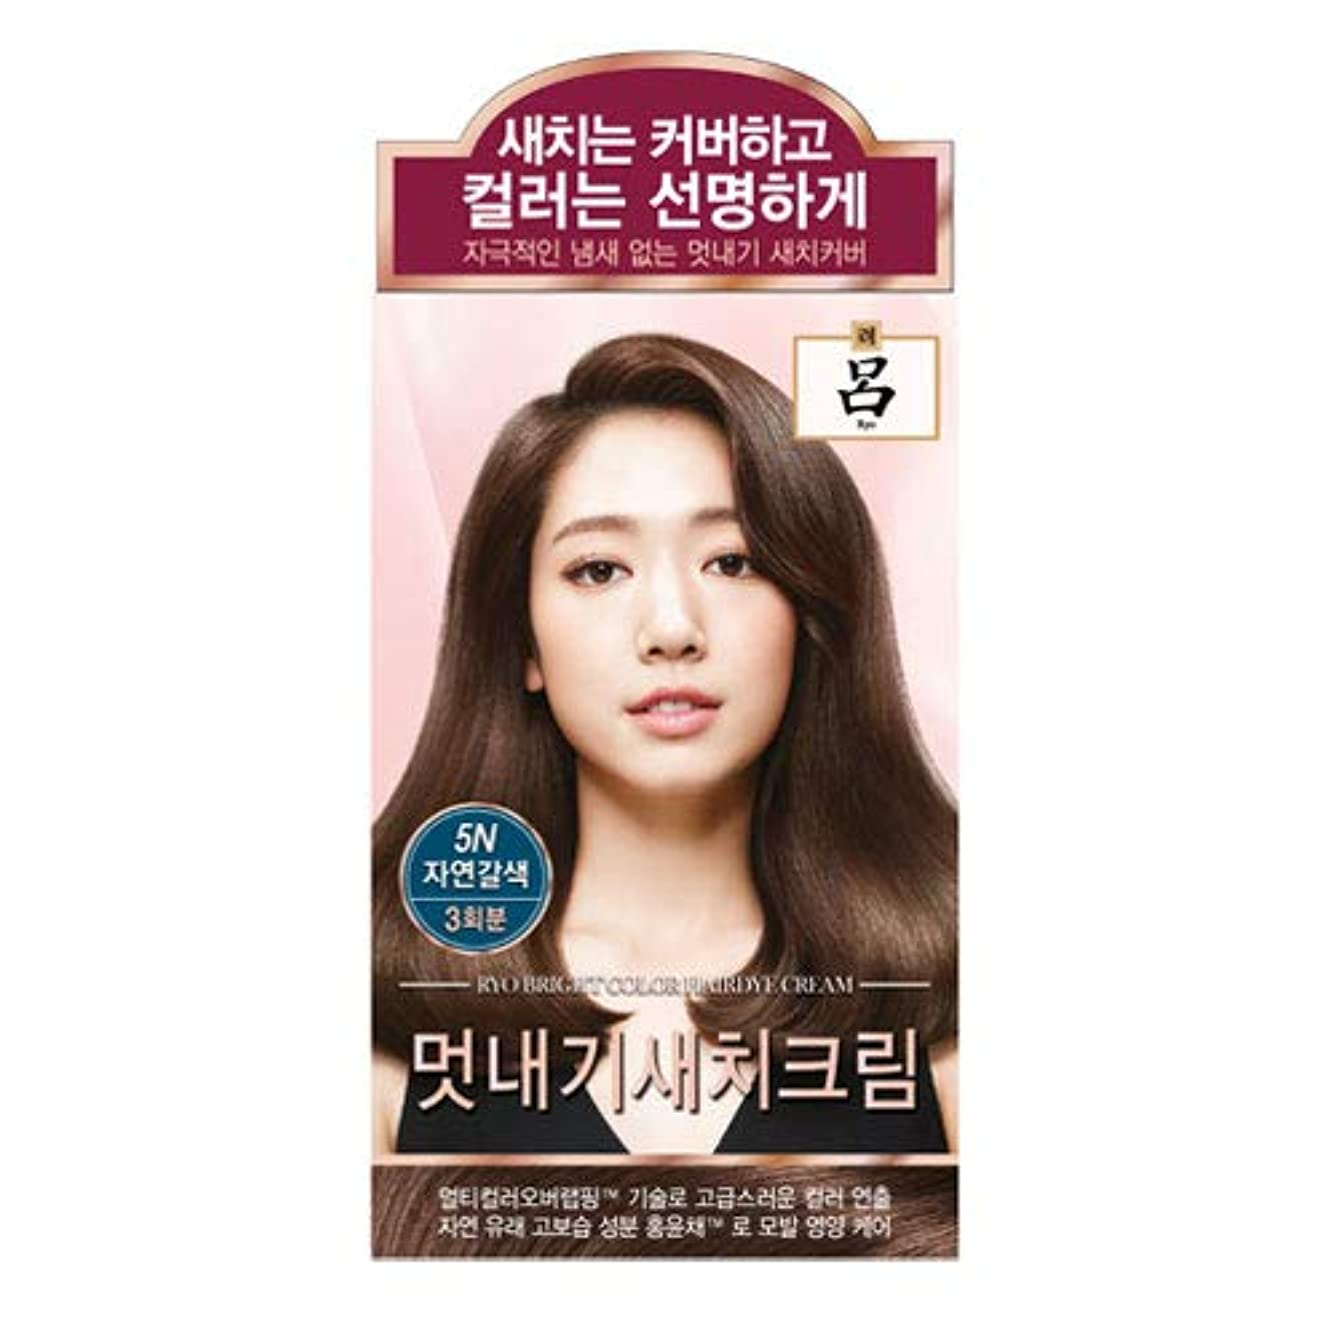 スピーカー逃げる凍るアモーレパシフィック呂[AMOREPACIFIC/Ryo] ブライトカラーヘアアイクリーム 5N ナチュラルブラウン/Bright Color Hairdye Cream 5N Natural Brown